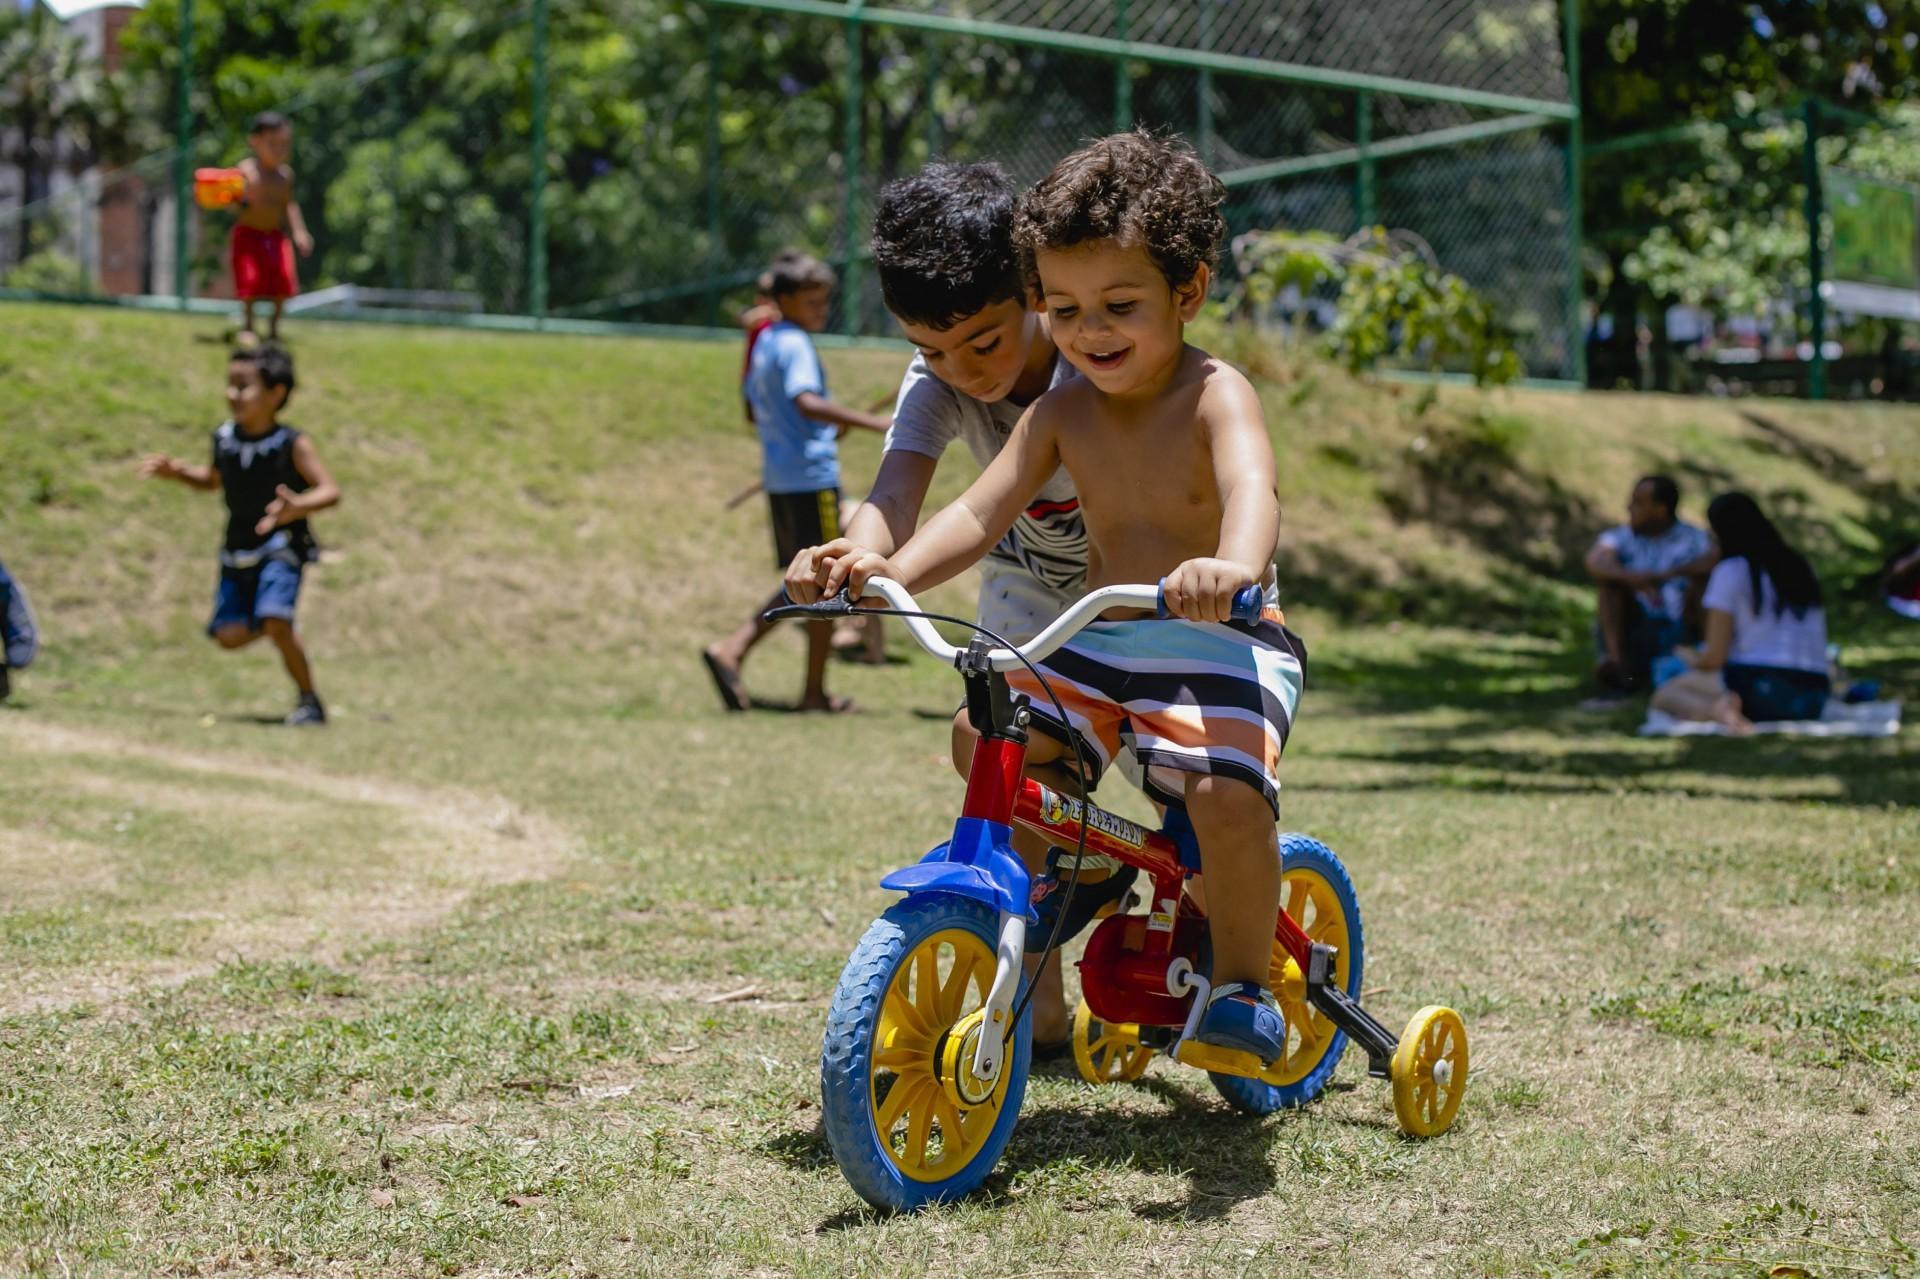 Bernardo, de 2 anos,  e o David Luiz, 6 anos, no Parque do Cocó na manhã desta terça, 12 (Foto: Aurélio Alves)